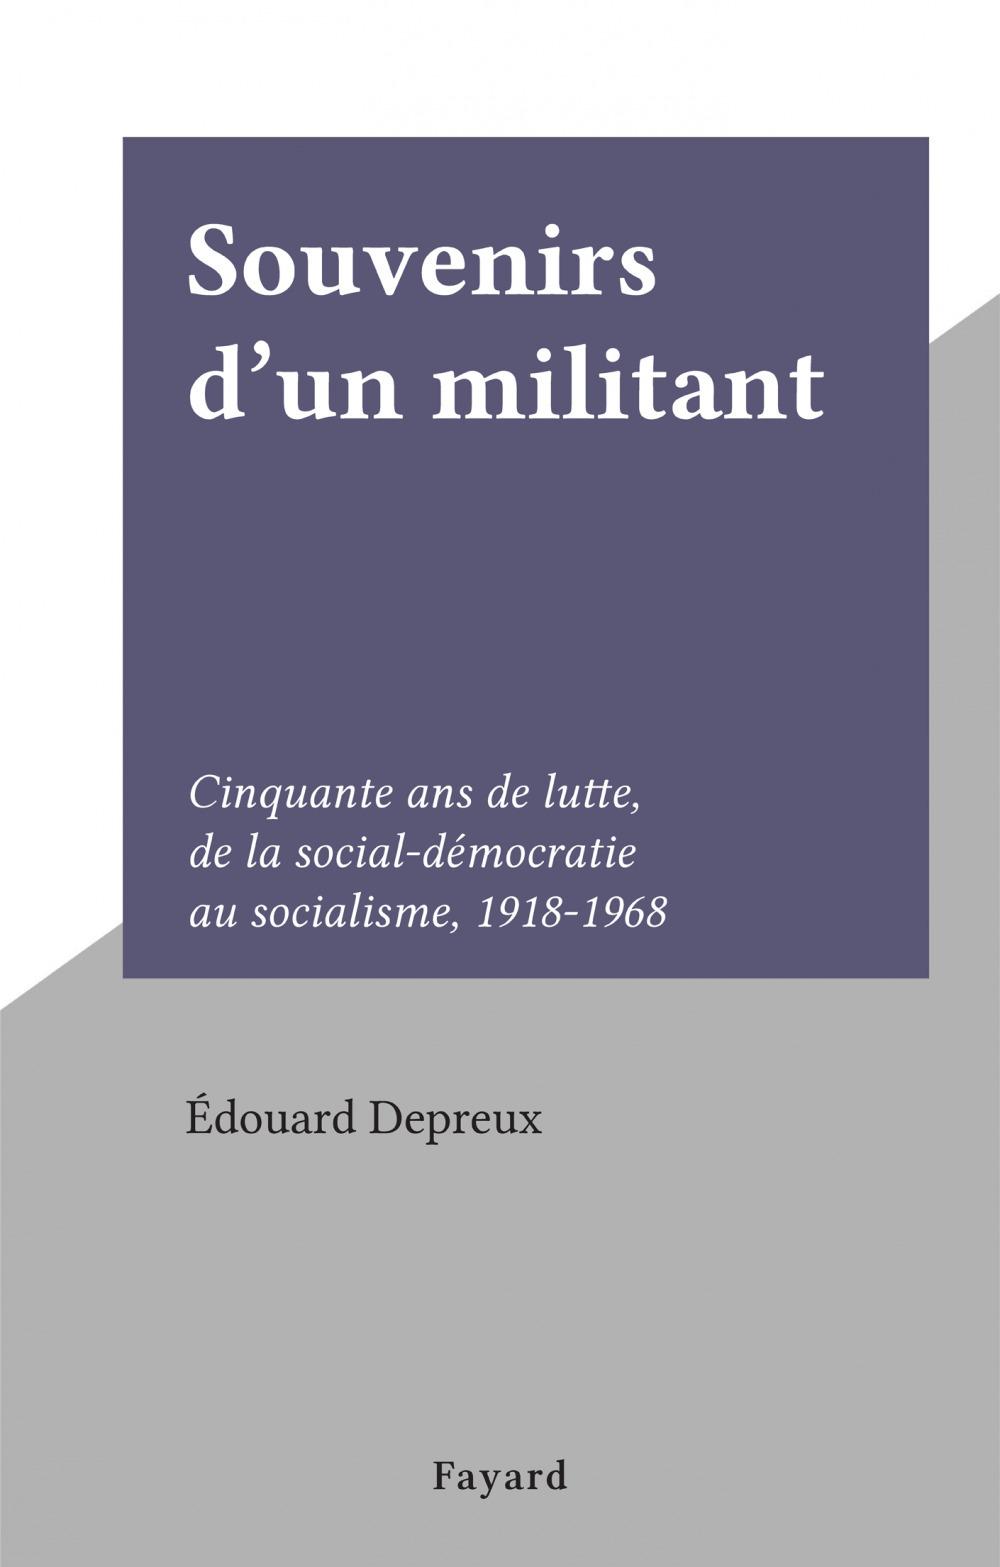 Souvenirs d'un militant  - Édouard Depreux